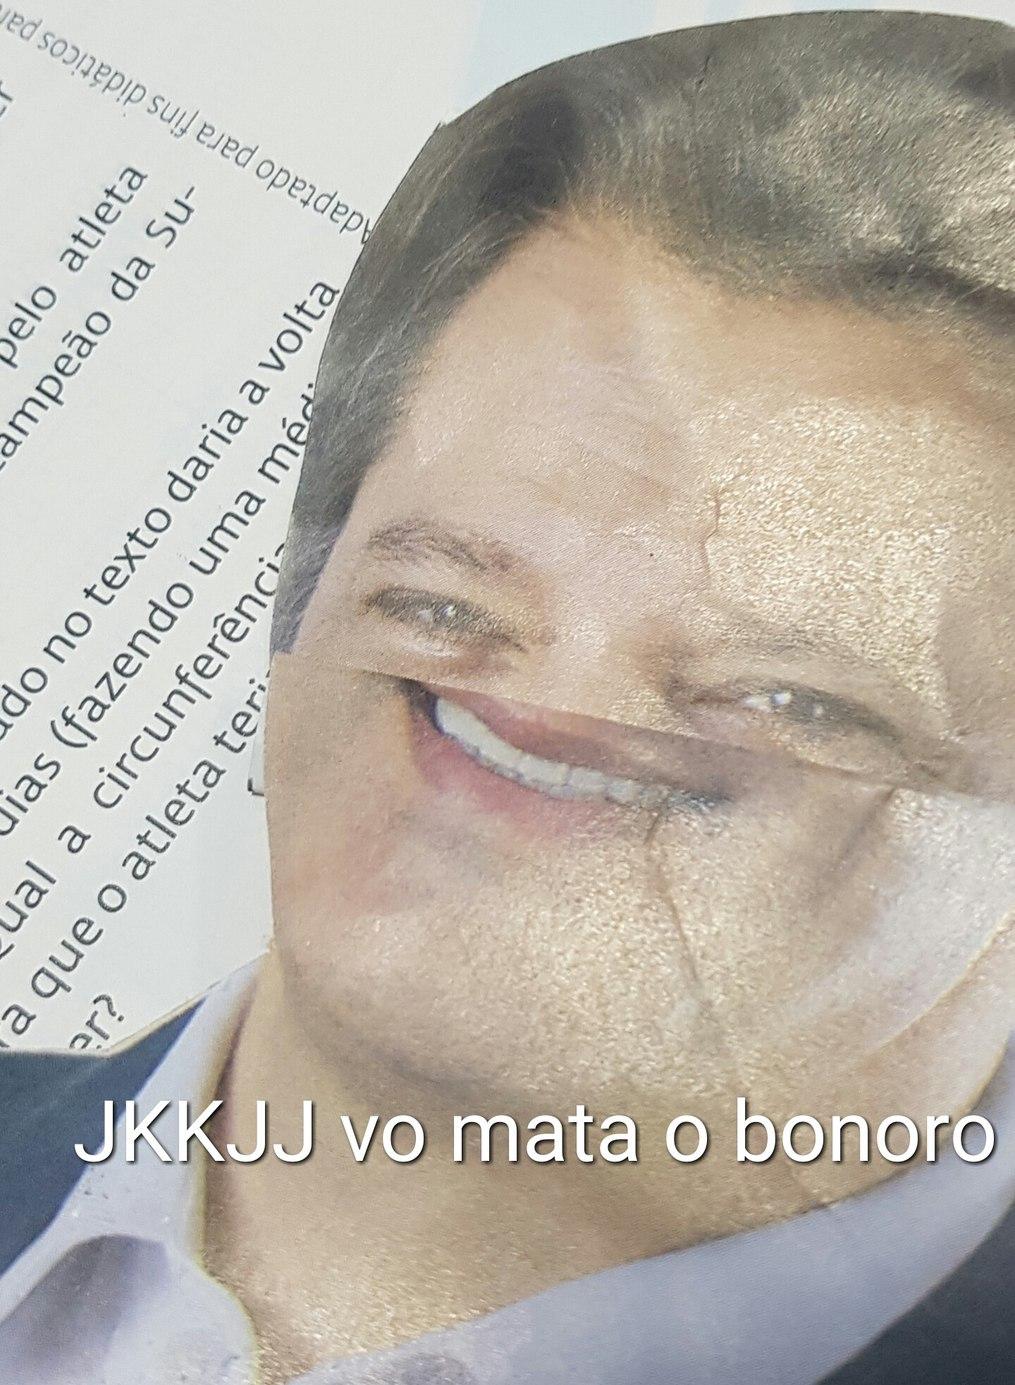 Andrade assa sino - meme